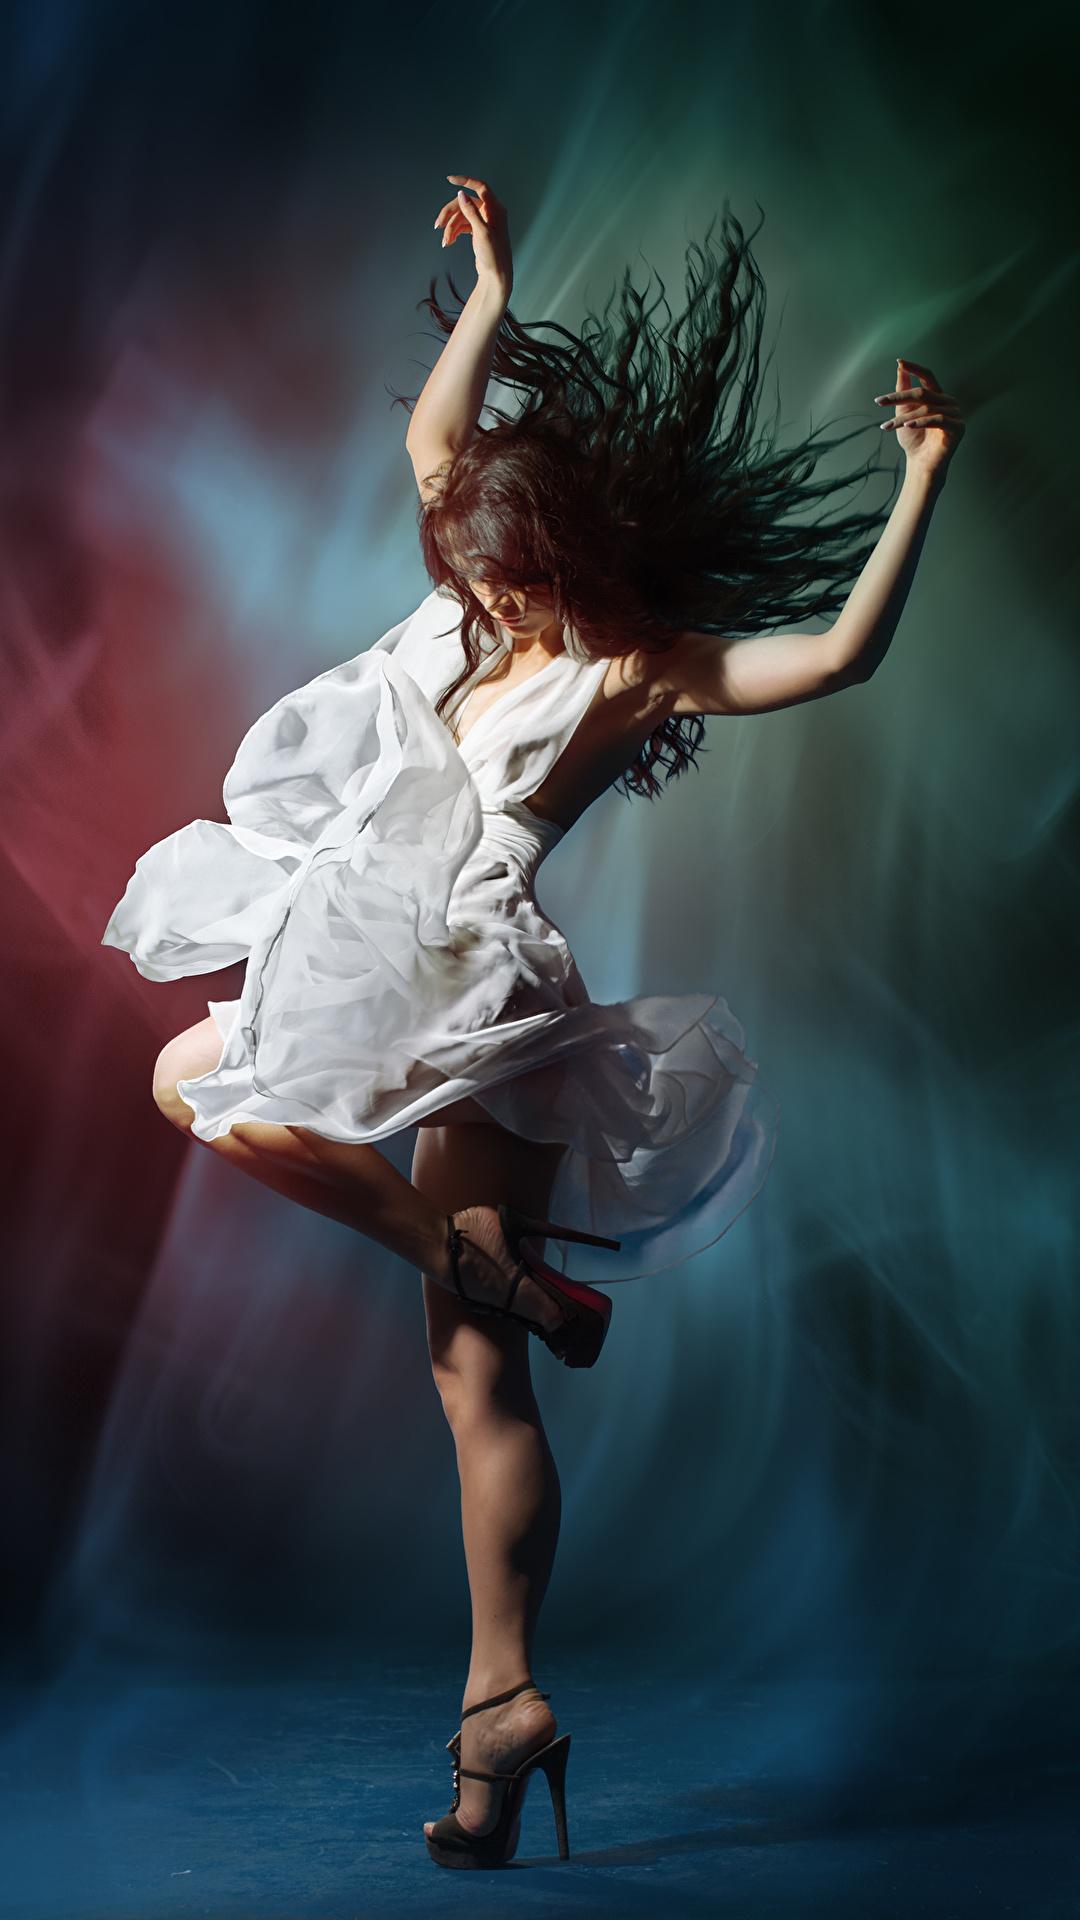 Fotos Braunhaarige Tanzen Mädchens Hand Kleid 1080x1920 Braune Haare Tanz